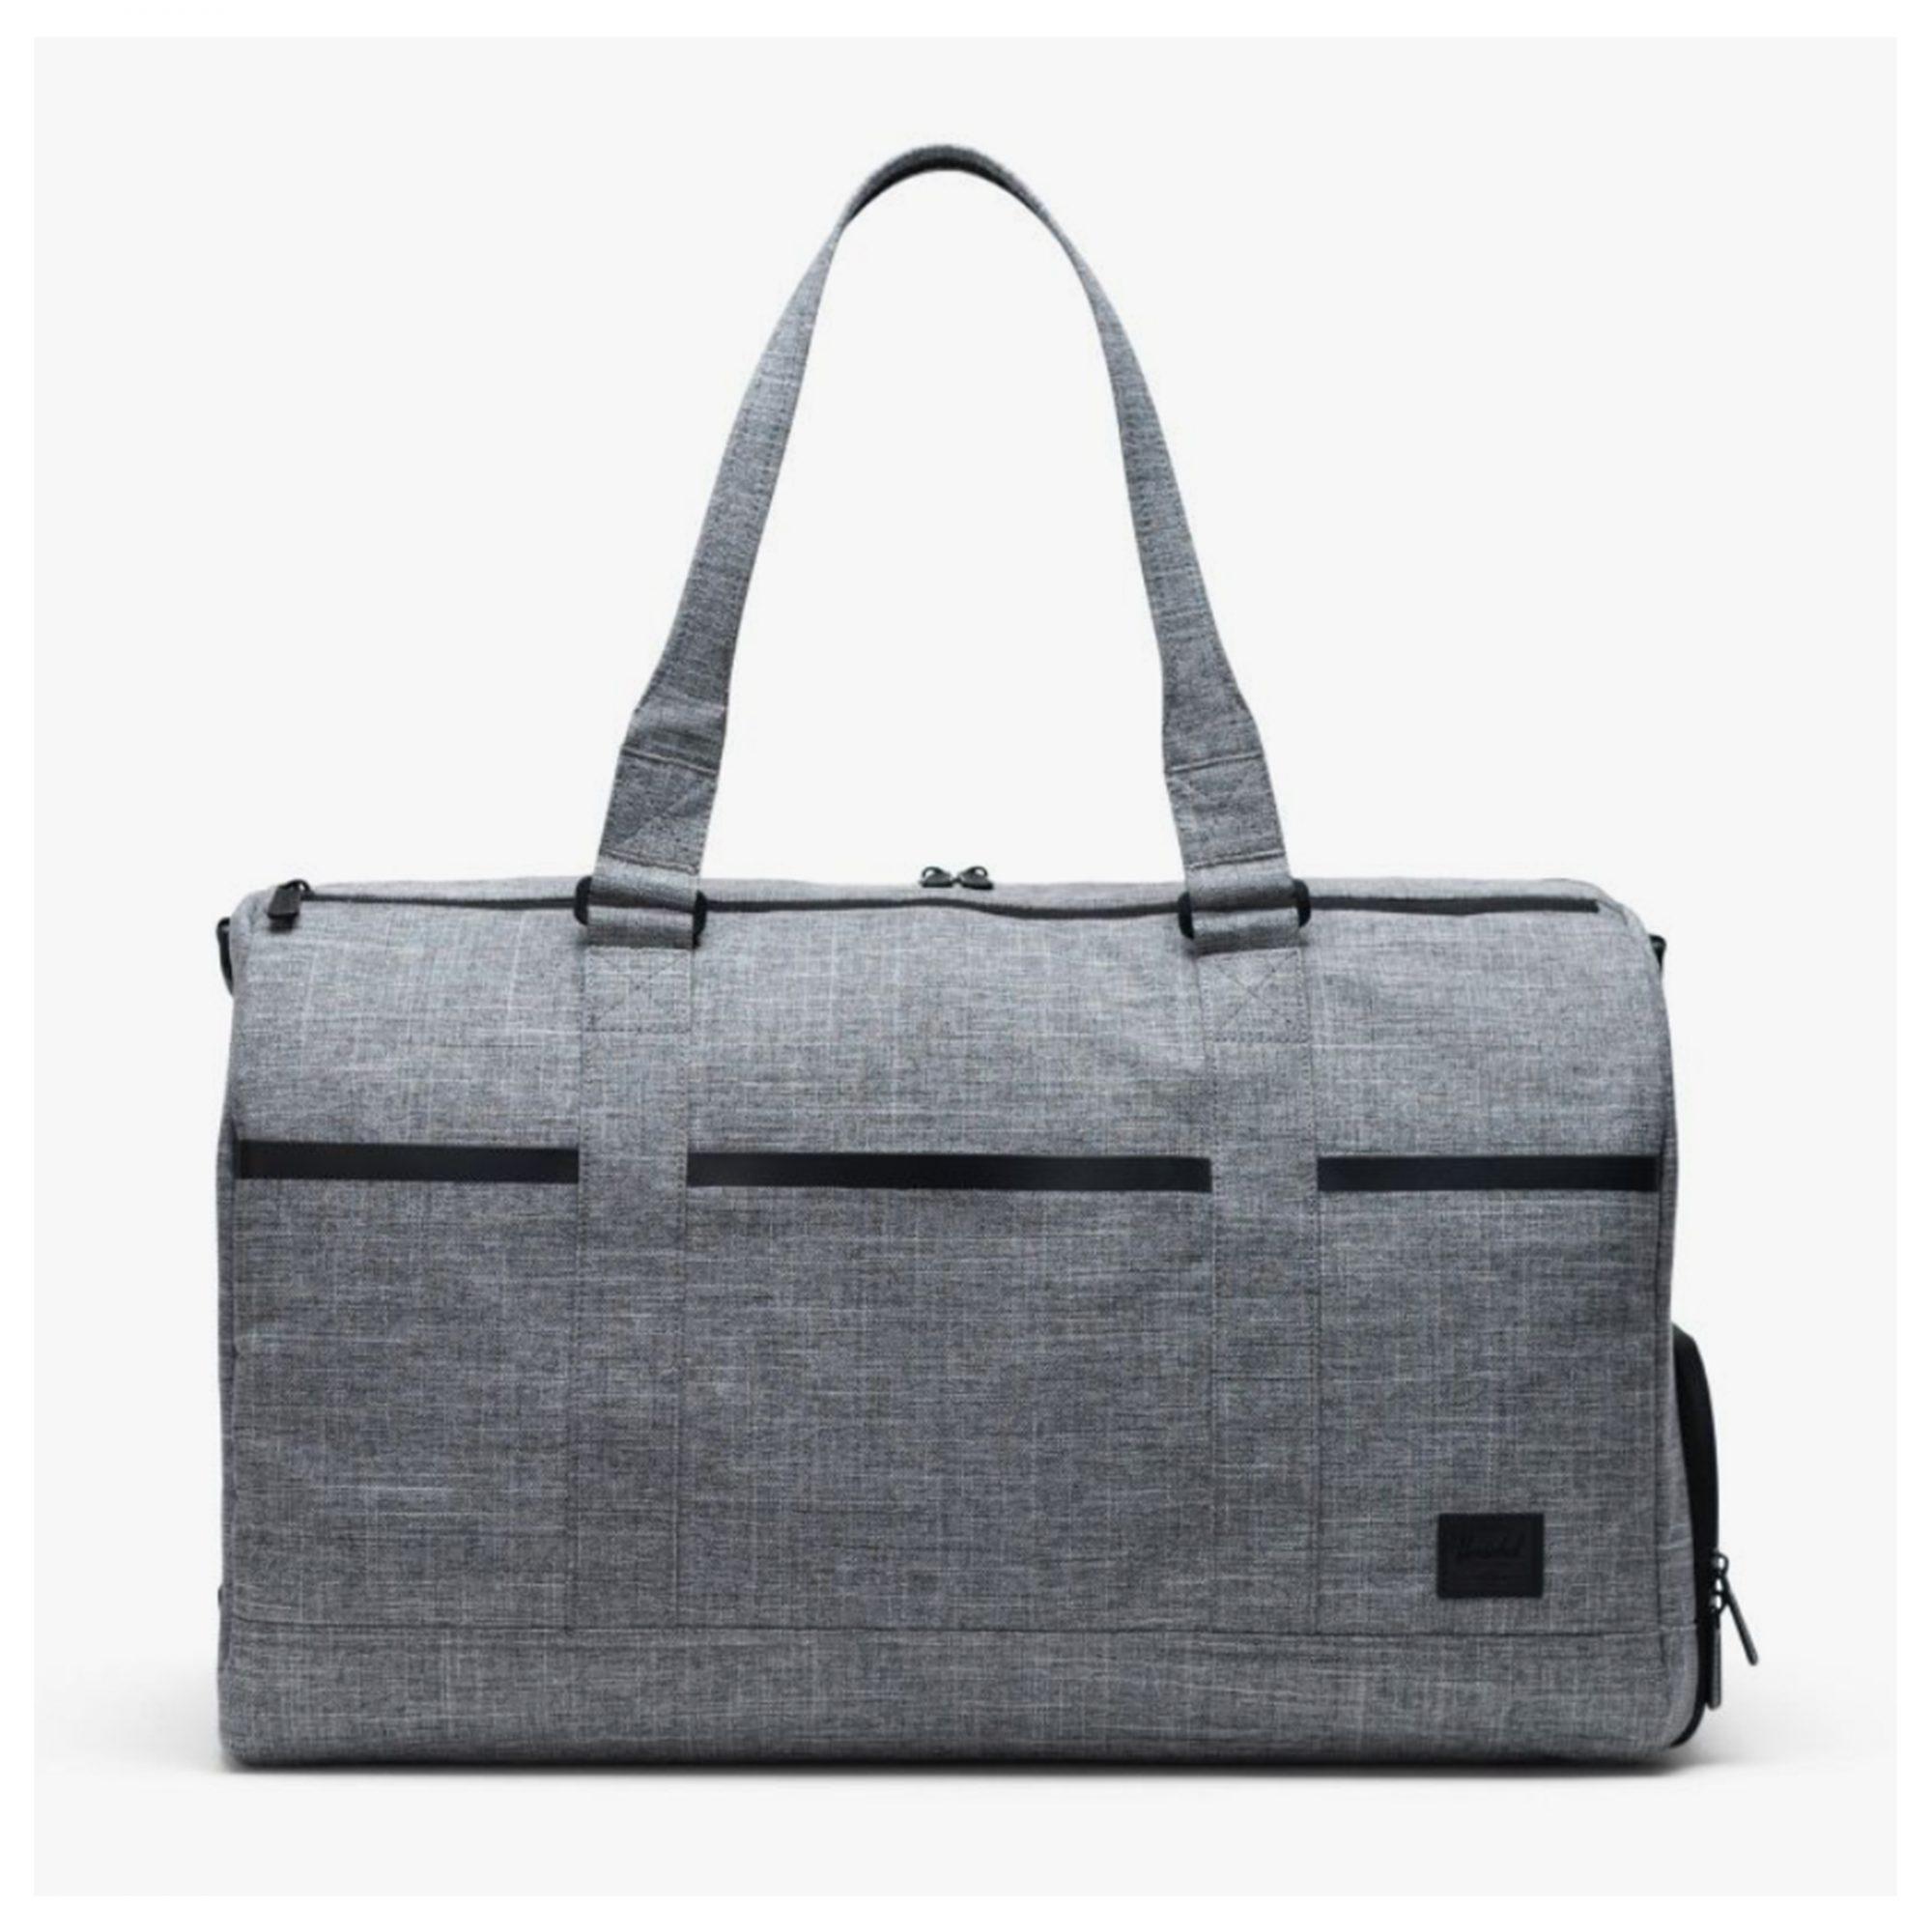 herschel-travel-bag, best-travel-bags